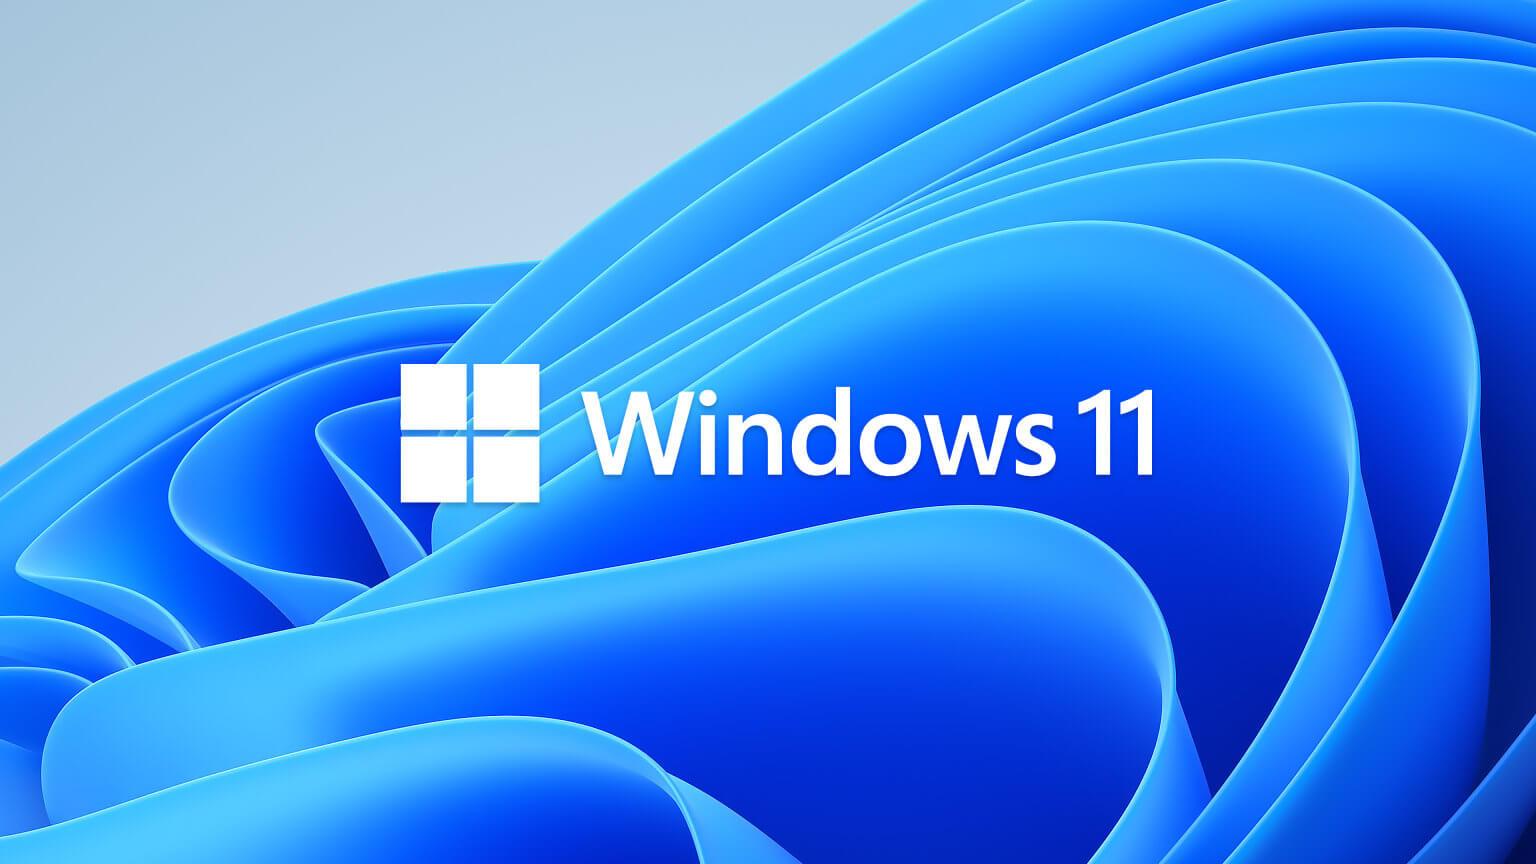 アイキャッチ画像 Windows 11